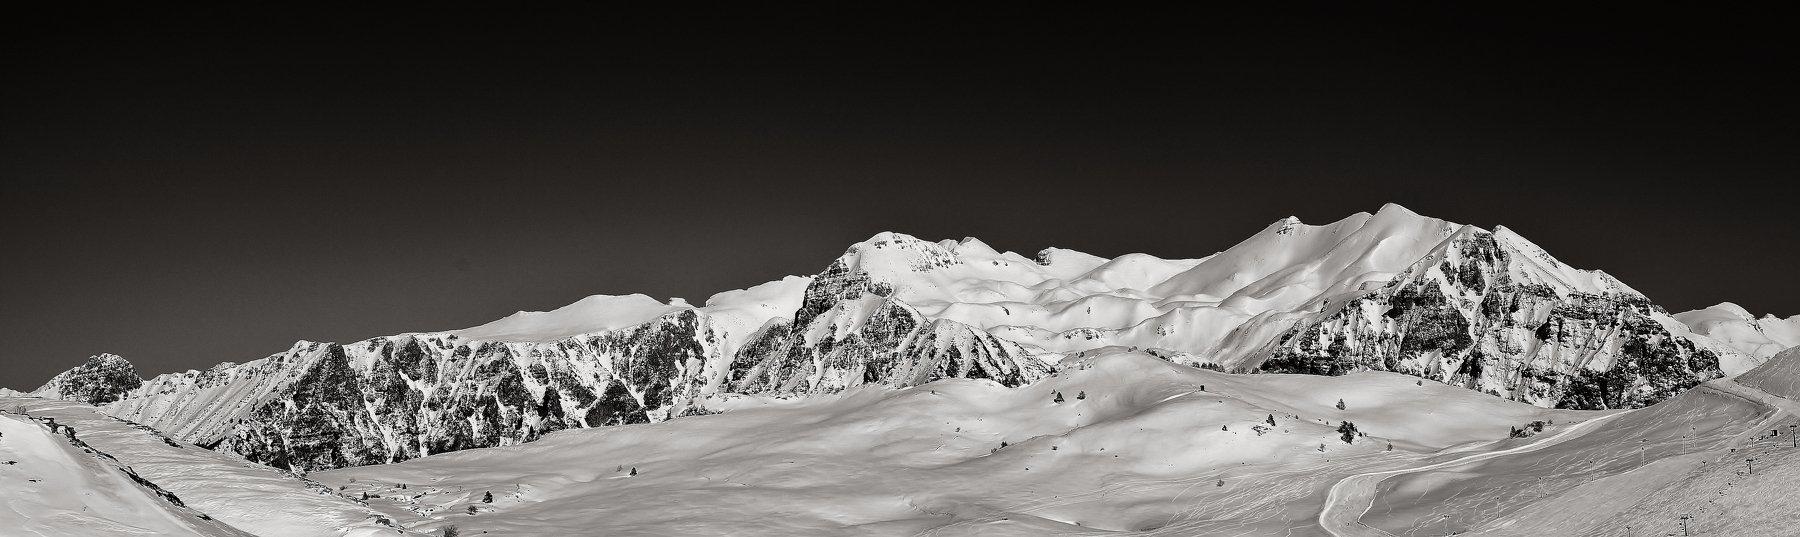 montagna,neve,panorama,paesaggio,bianco,, paologr63